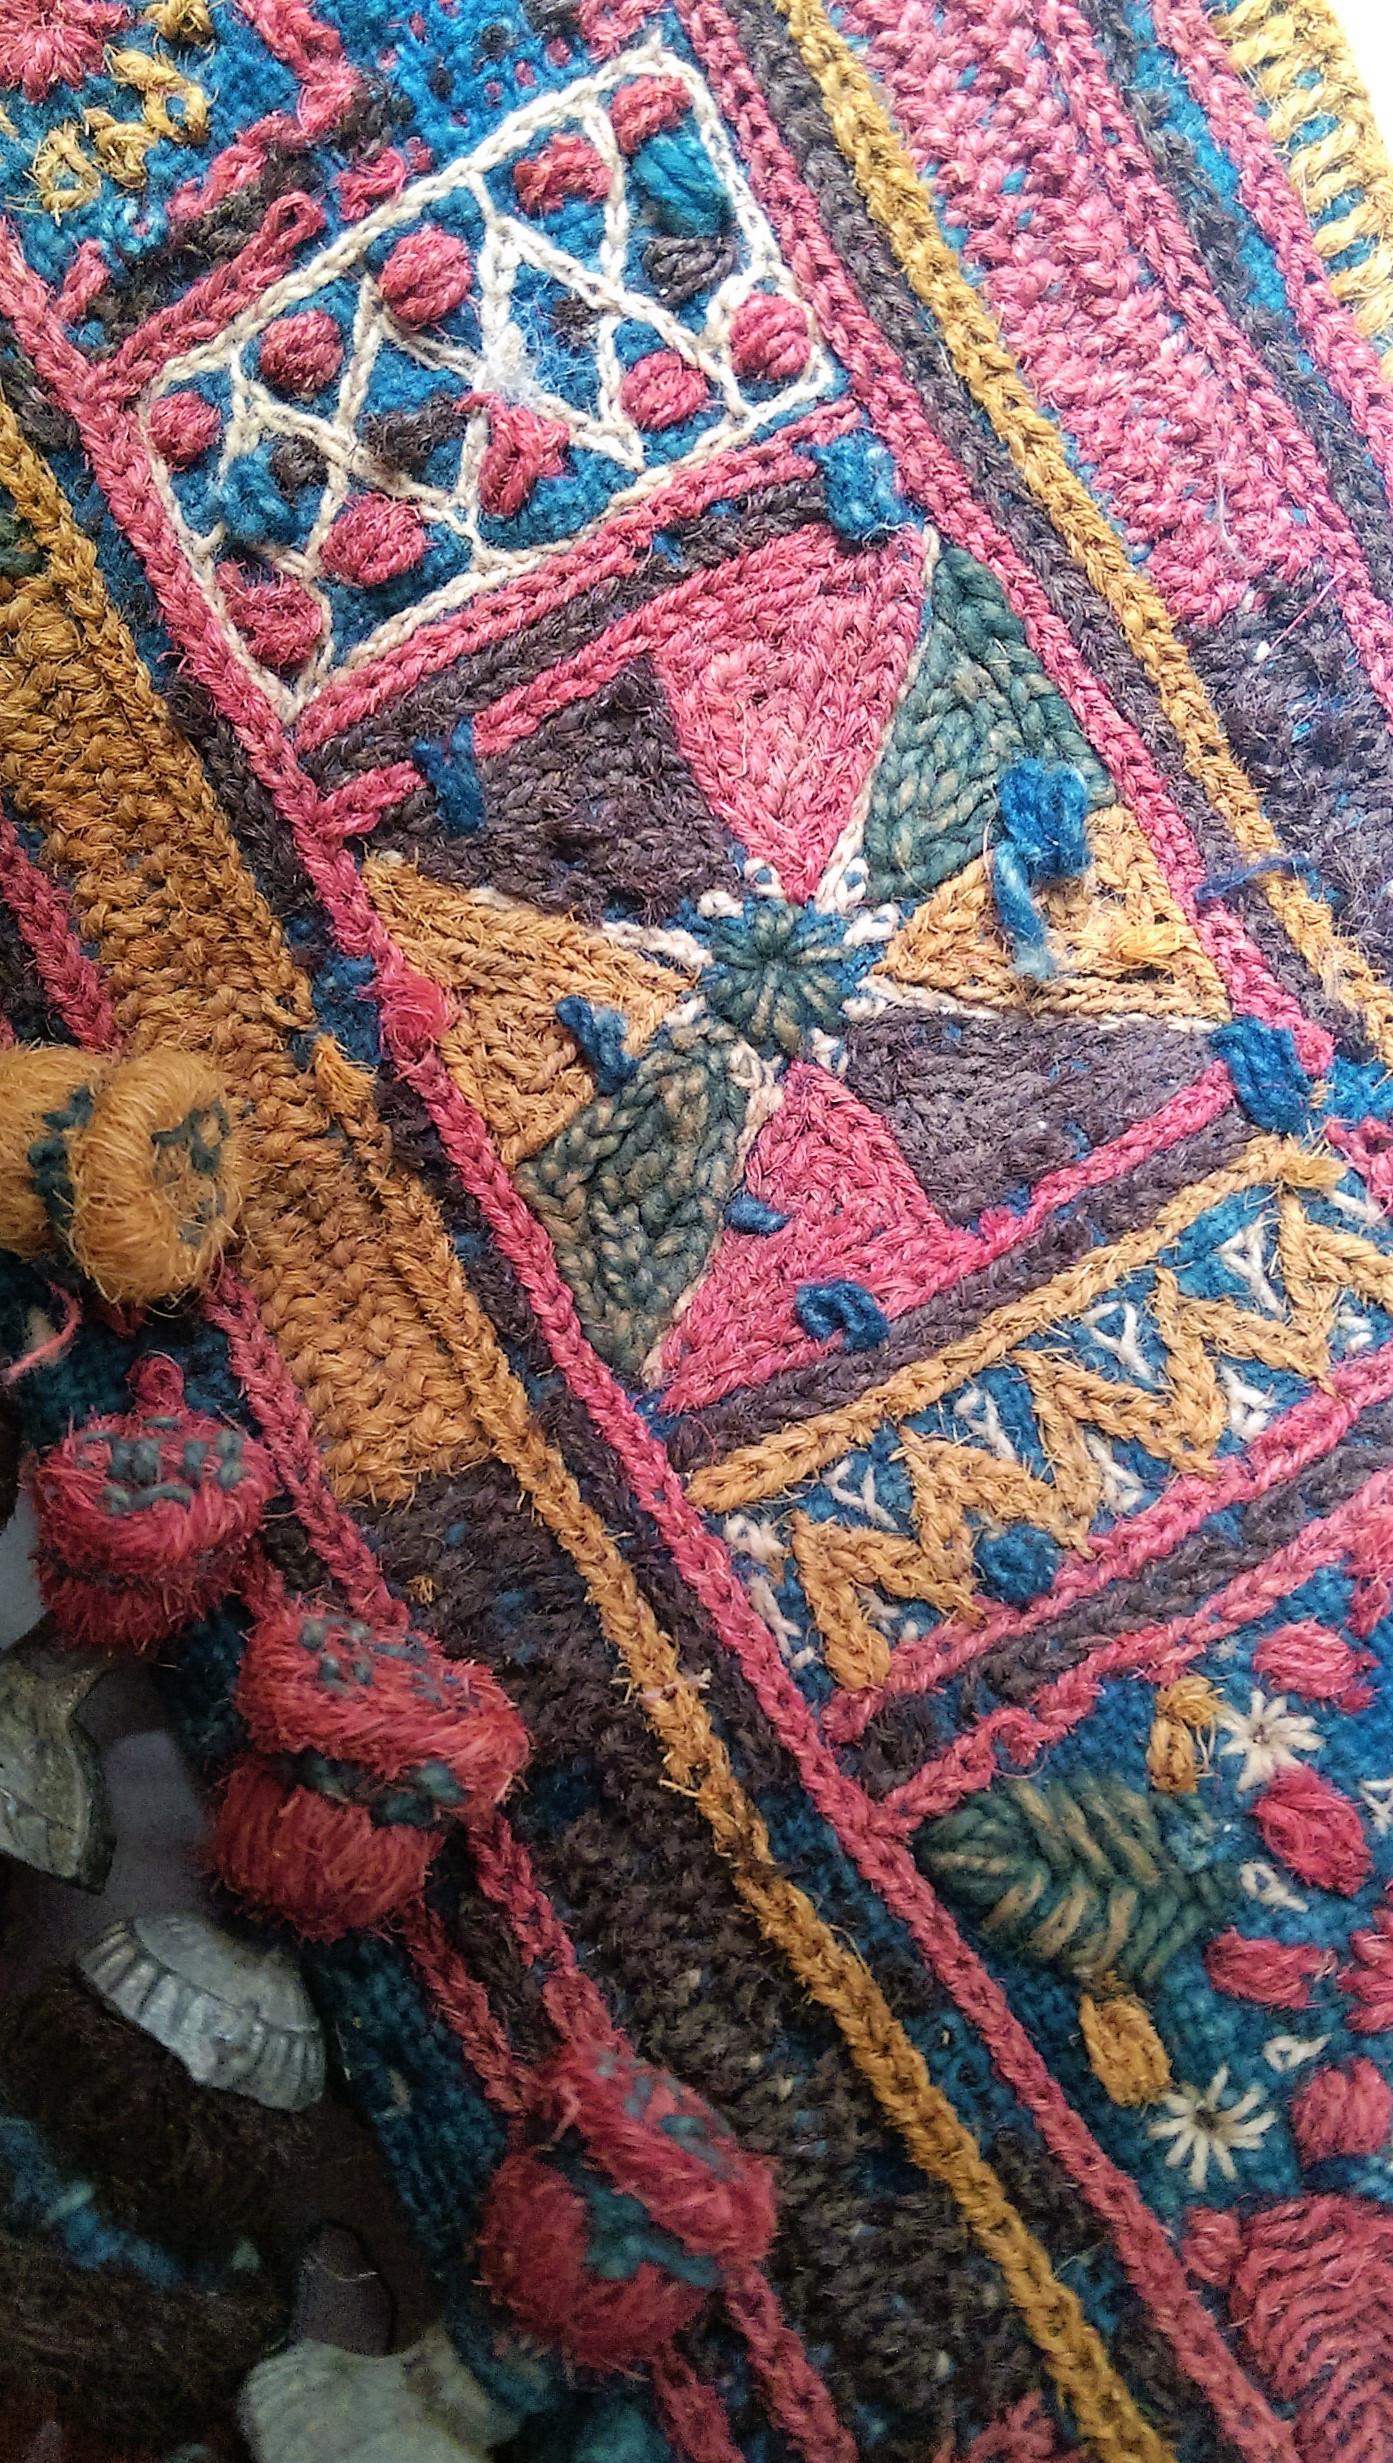 Banjara Textiles